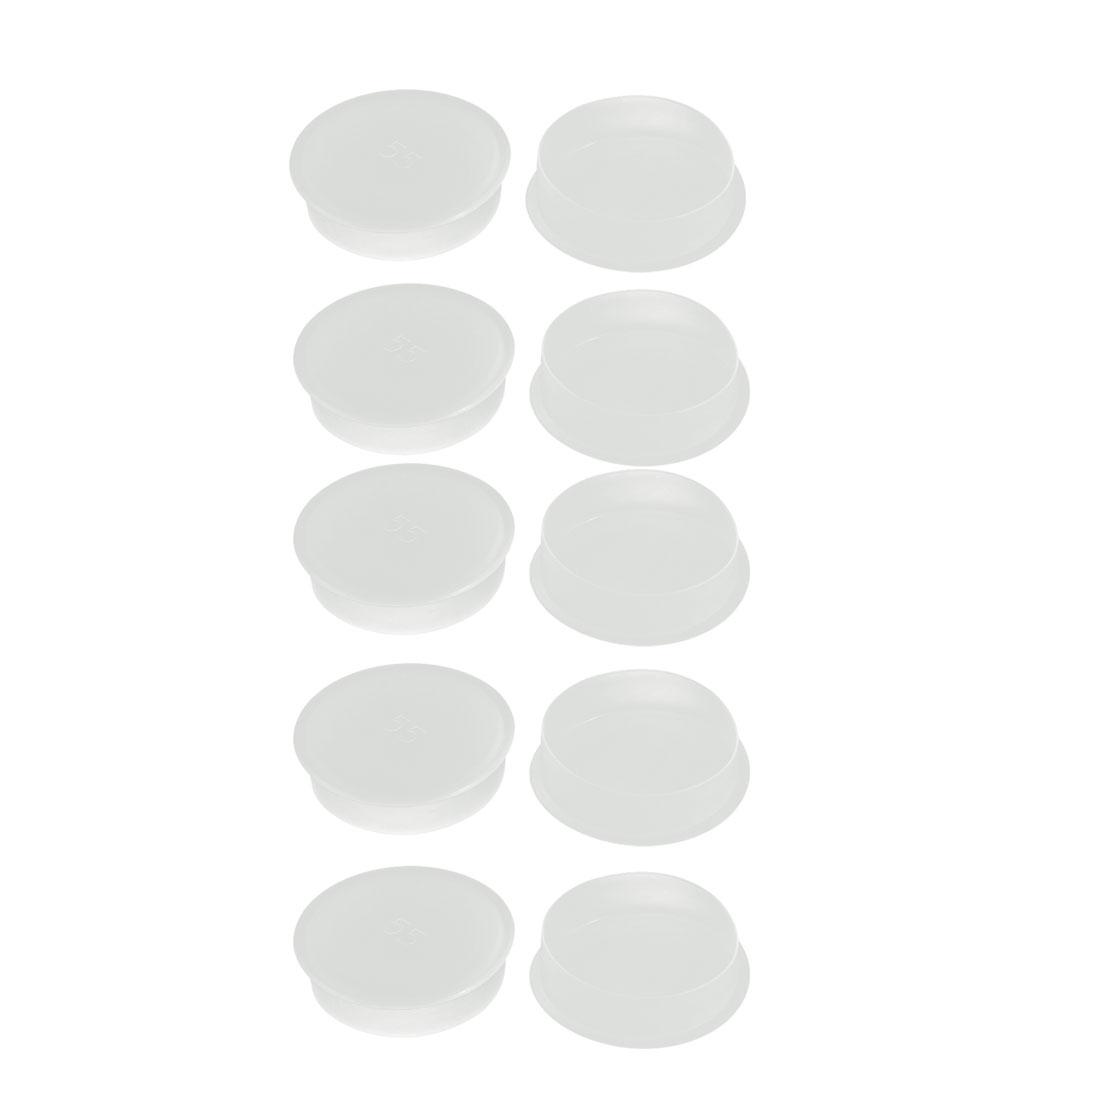 Unique Bargains 10pcs M55 PE Flat Blanking End Tube Insert Cap Round Cover Transparent - image 2 de 2